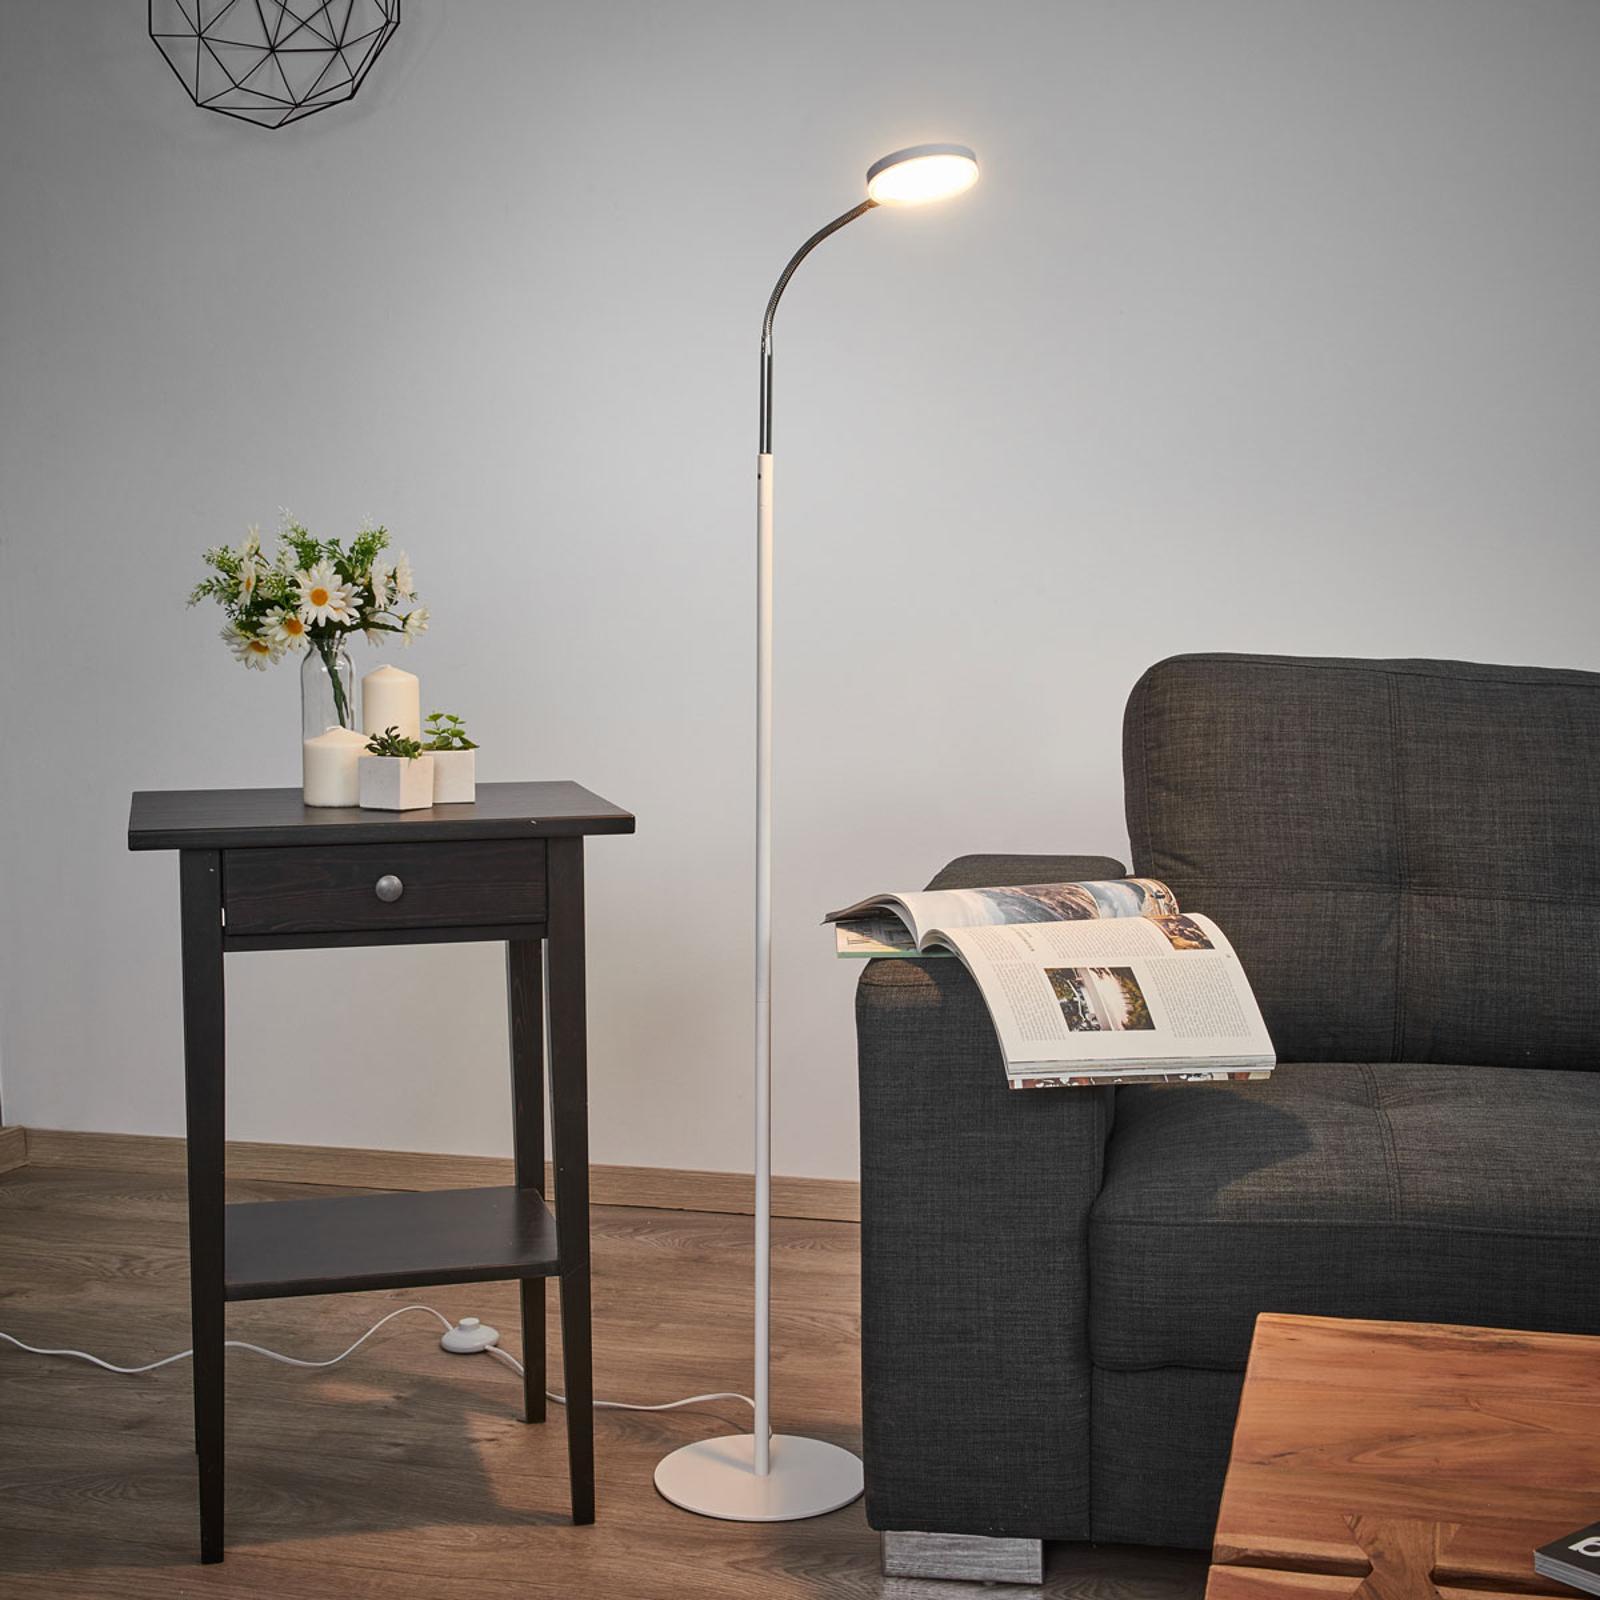 Milow LED-gulvlampe med svanehals